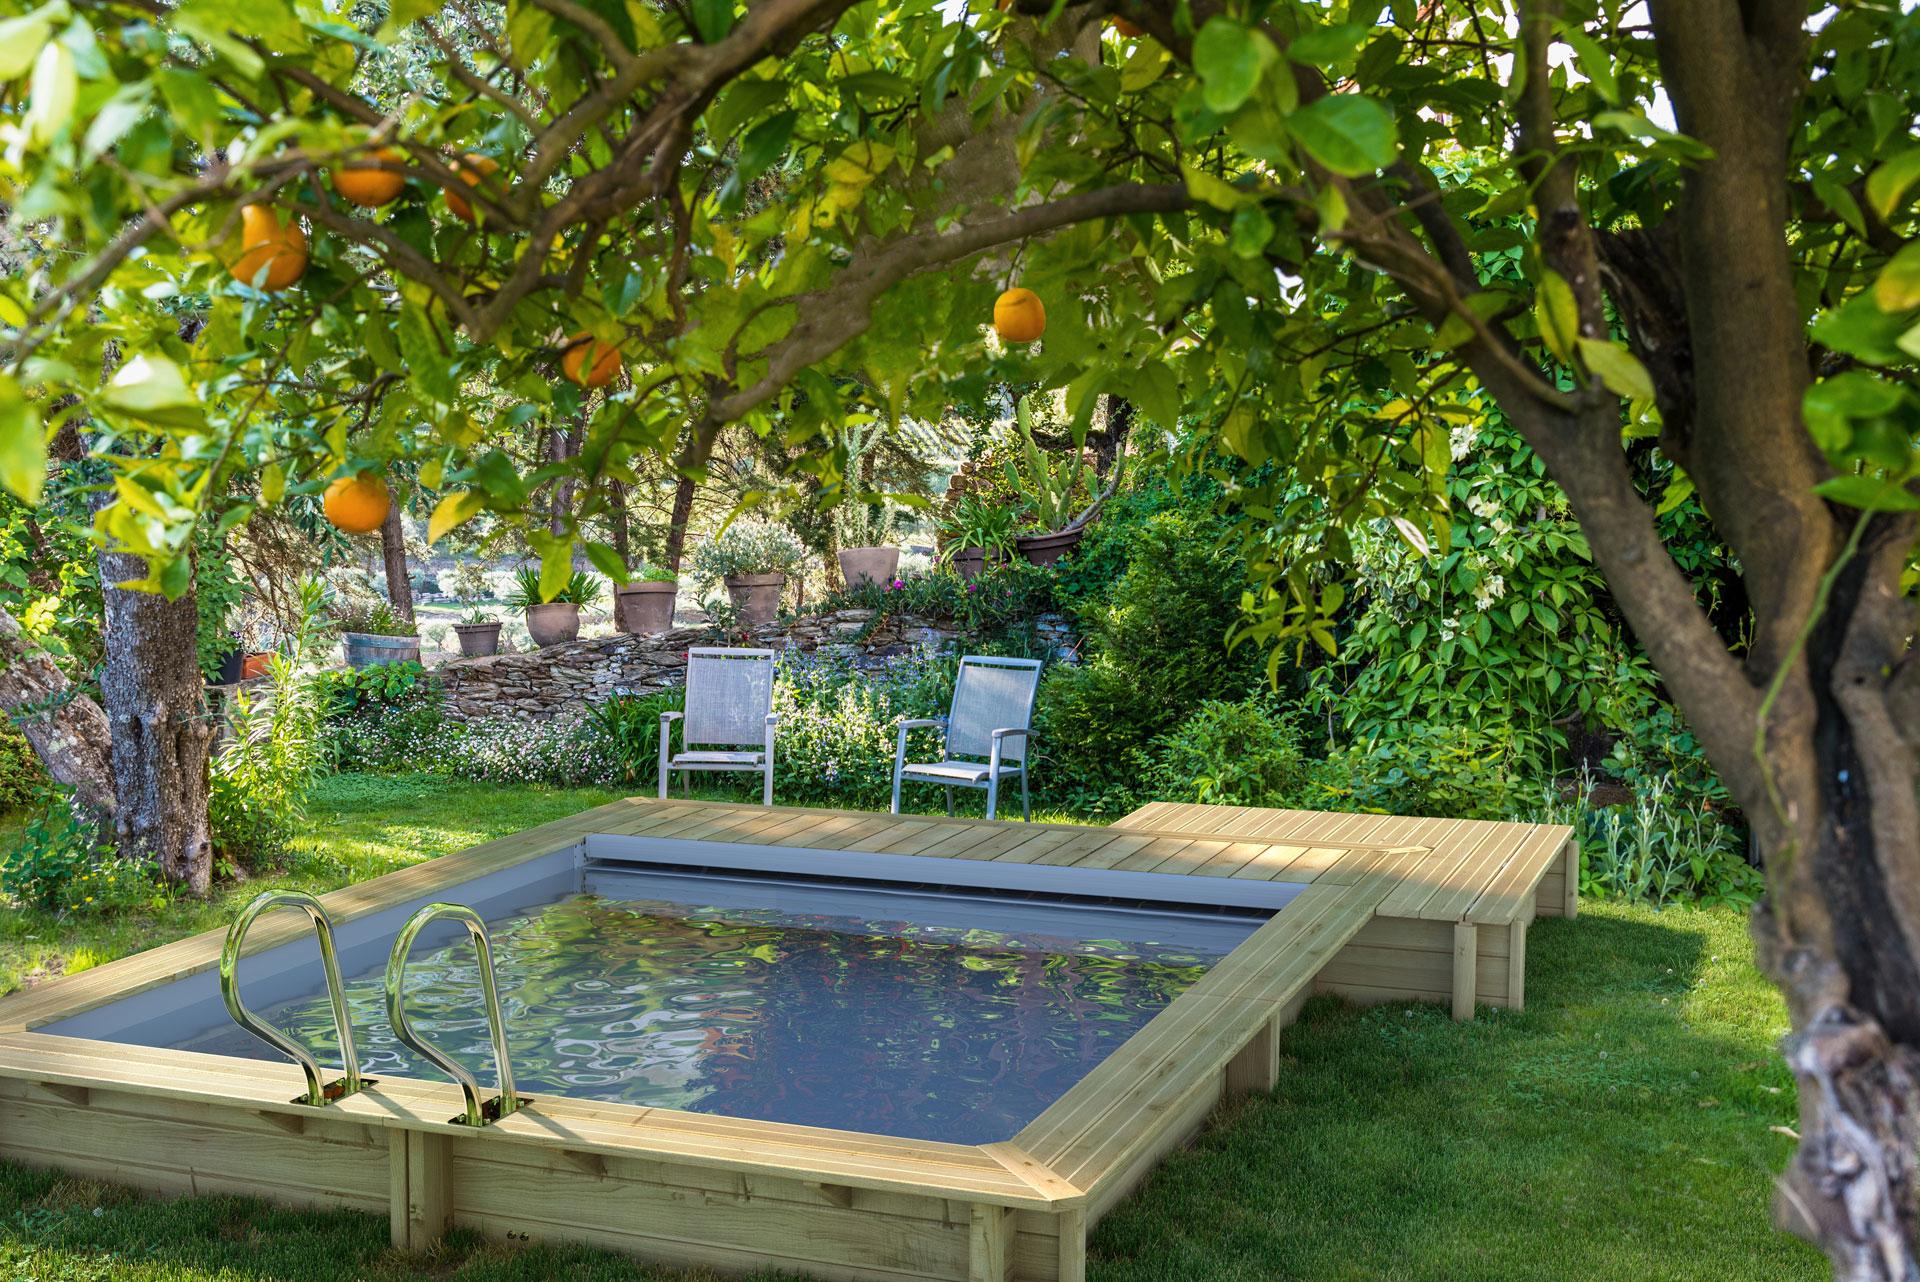 Comment Installer Une Piscine Dans Un Petit Jardin intérieur Petit Jardin Avec Bassin